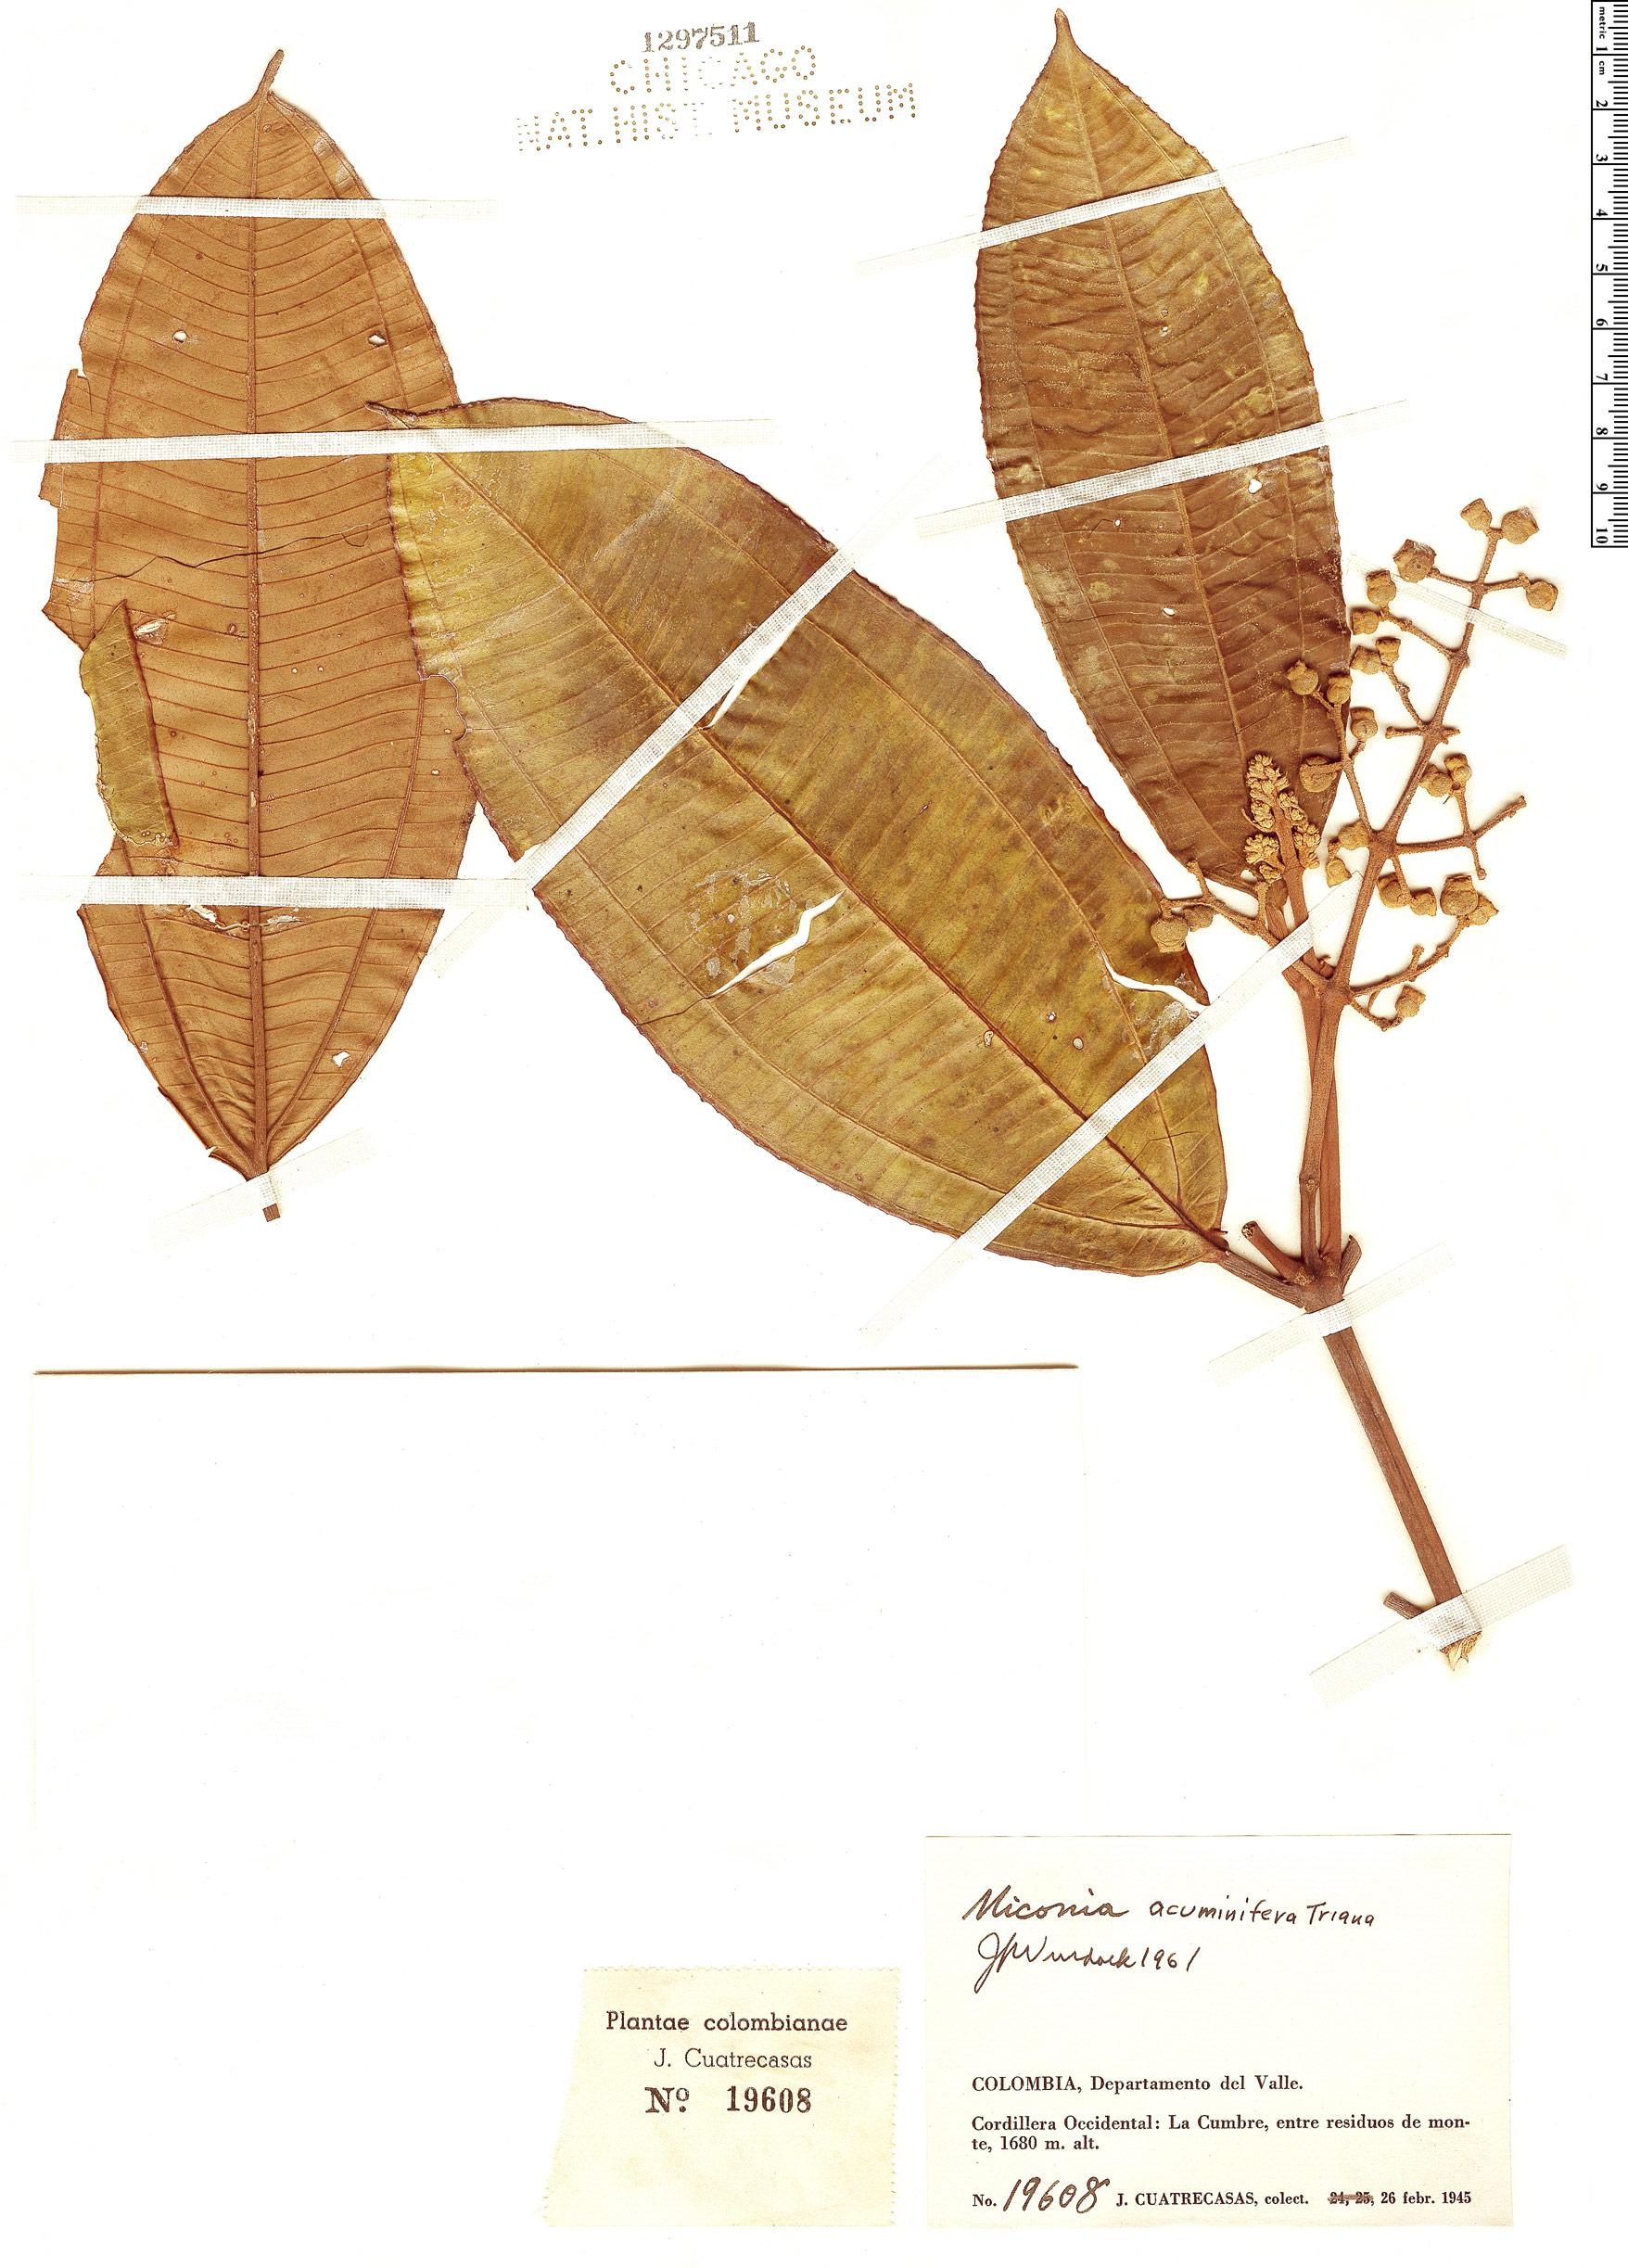 Specimen: Miconia acuminifera